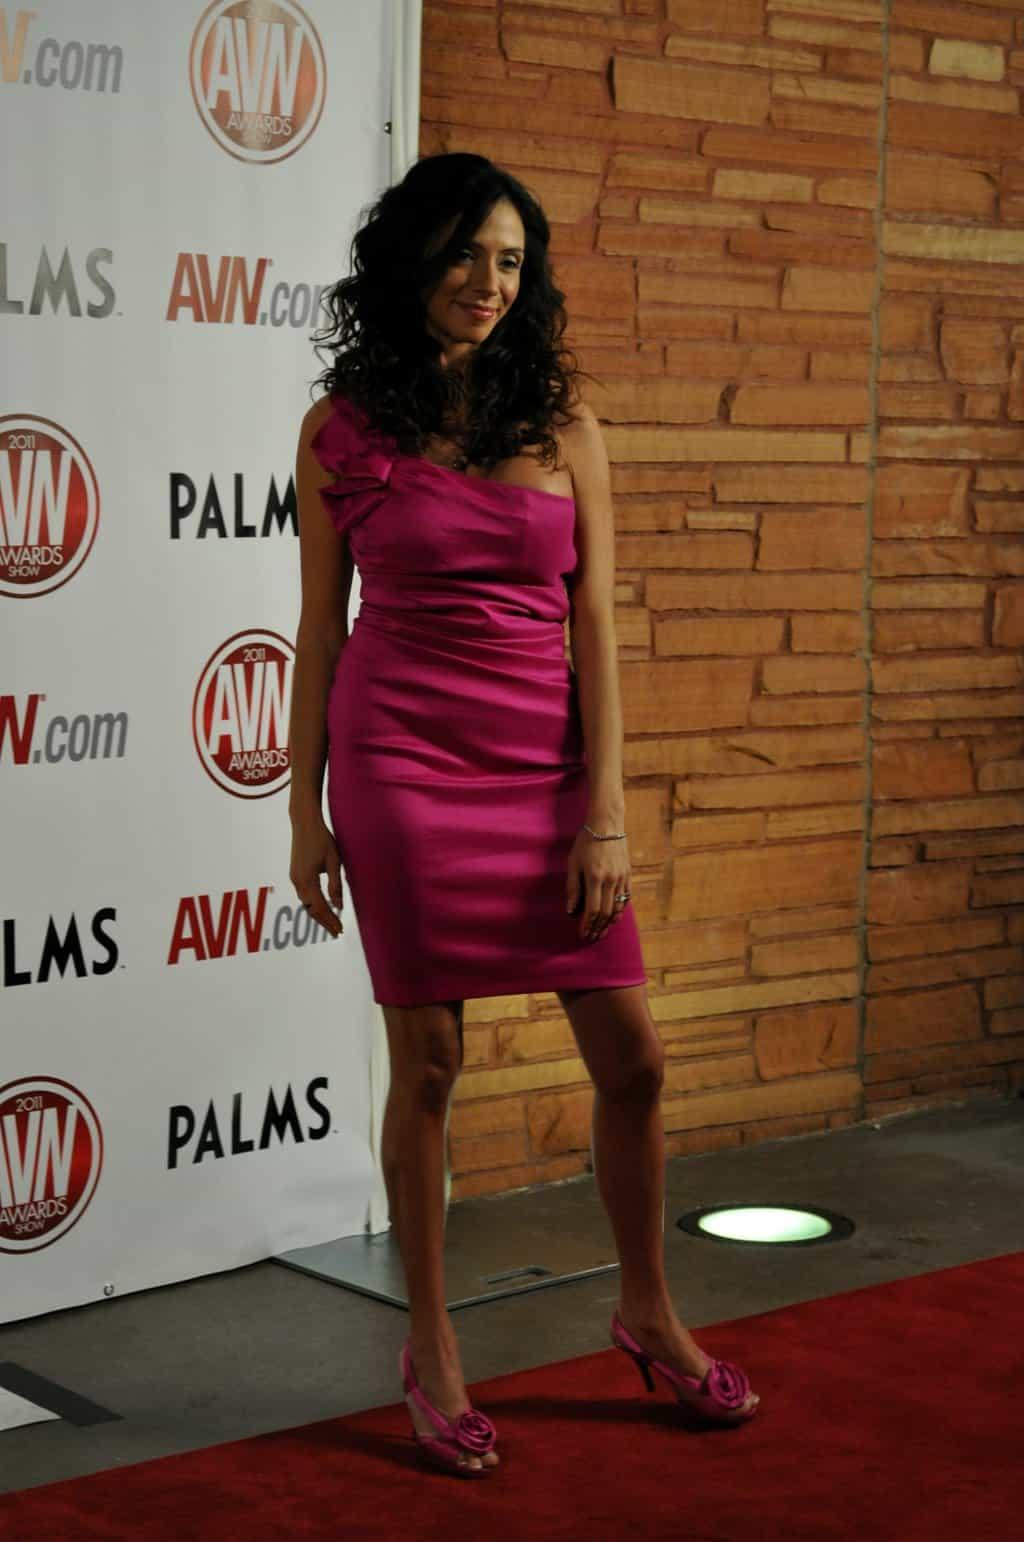 Ariella Ferrera at the AVN 2011